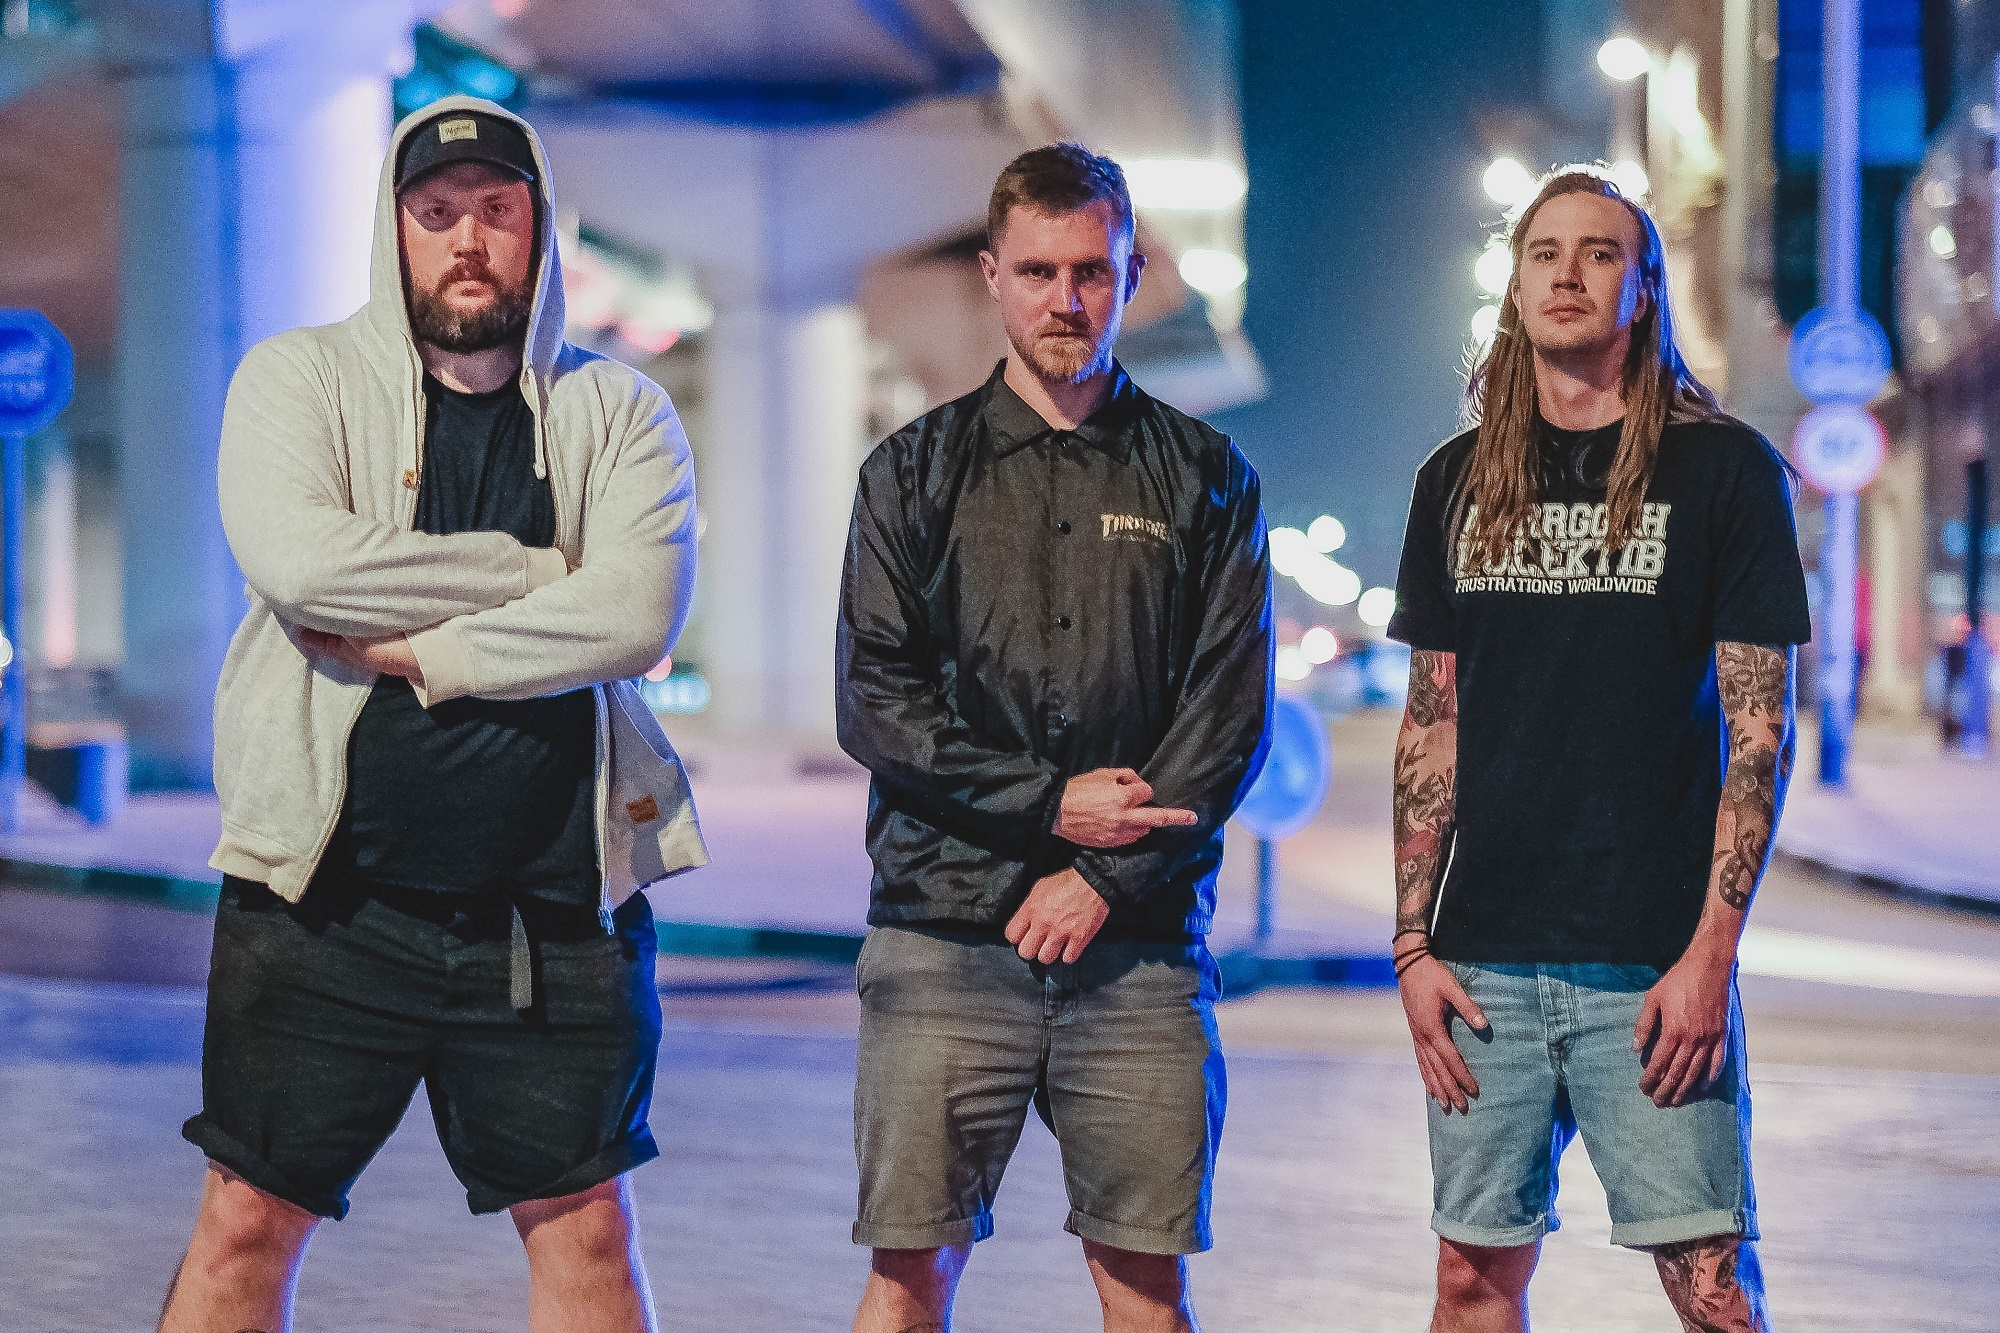 BLEACH (Suecia) presenta detalles del nuevo álbum junto a Bjorn Strid (Soilwork)